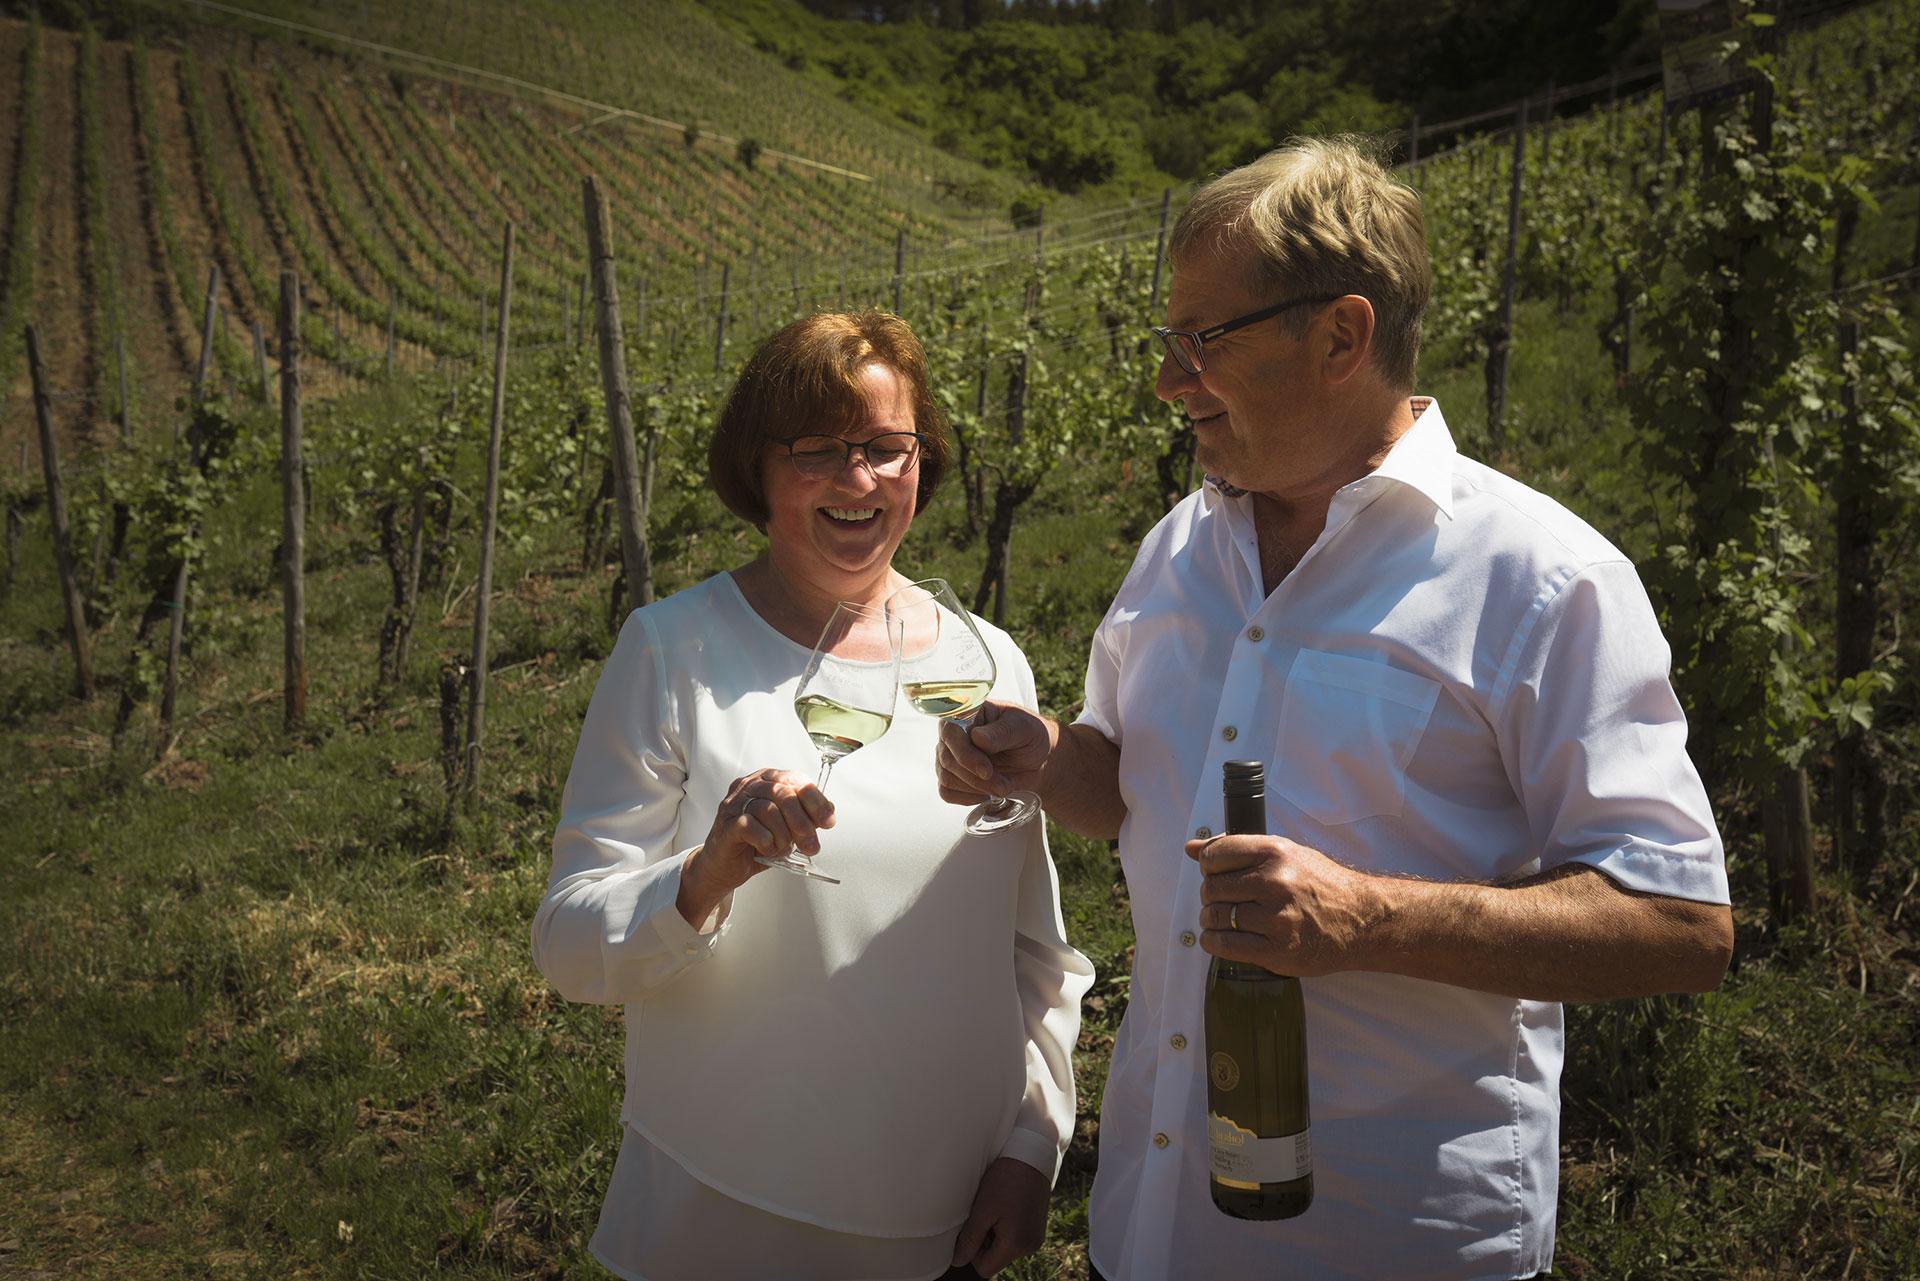 Weingut Zecherhof - Urlaub, Wein & Genuss in Neef